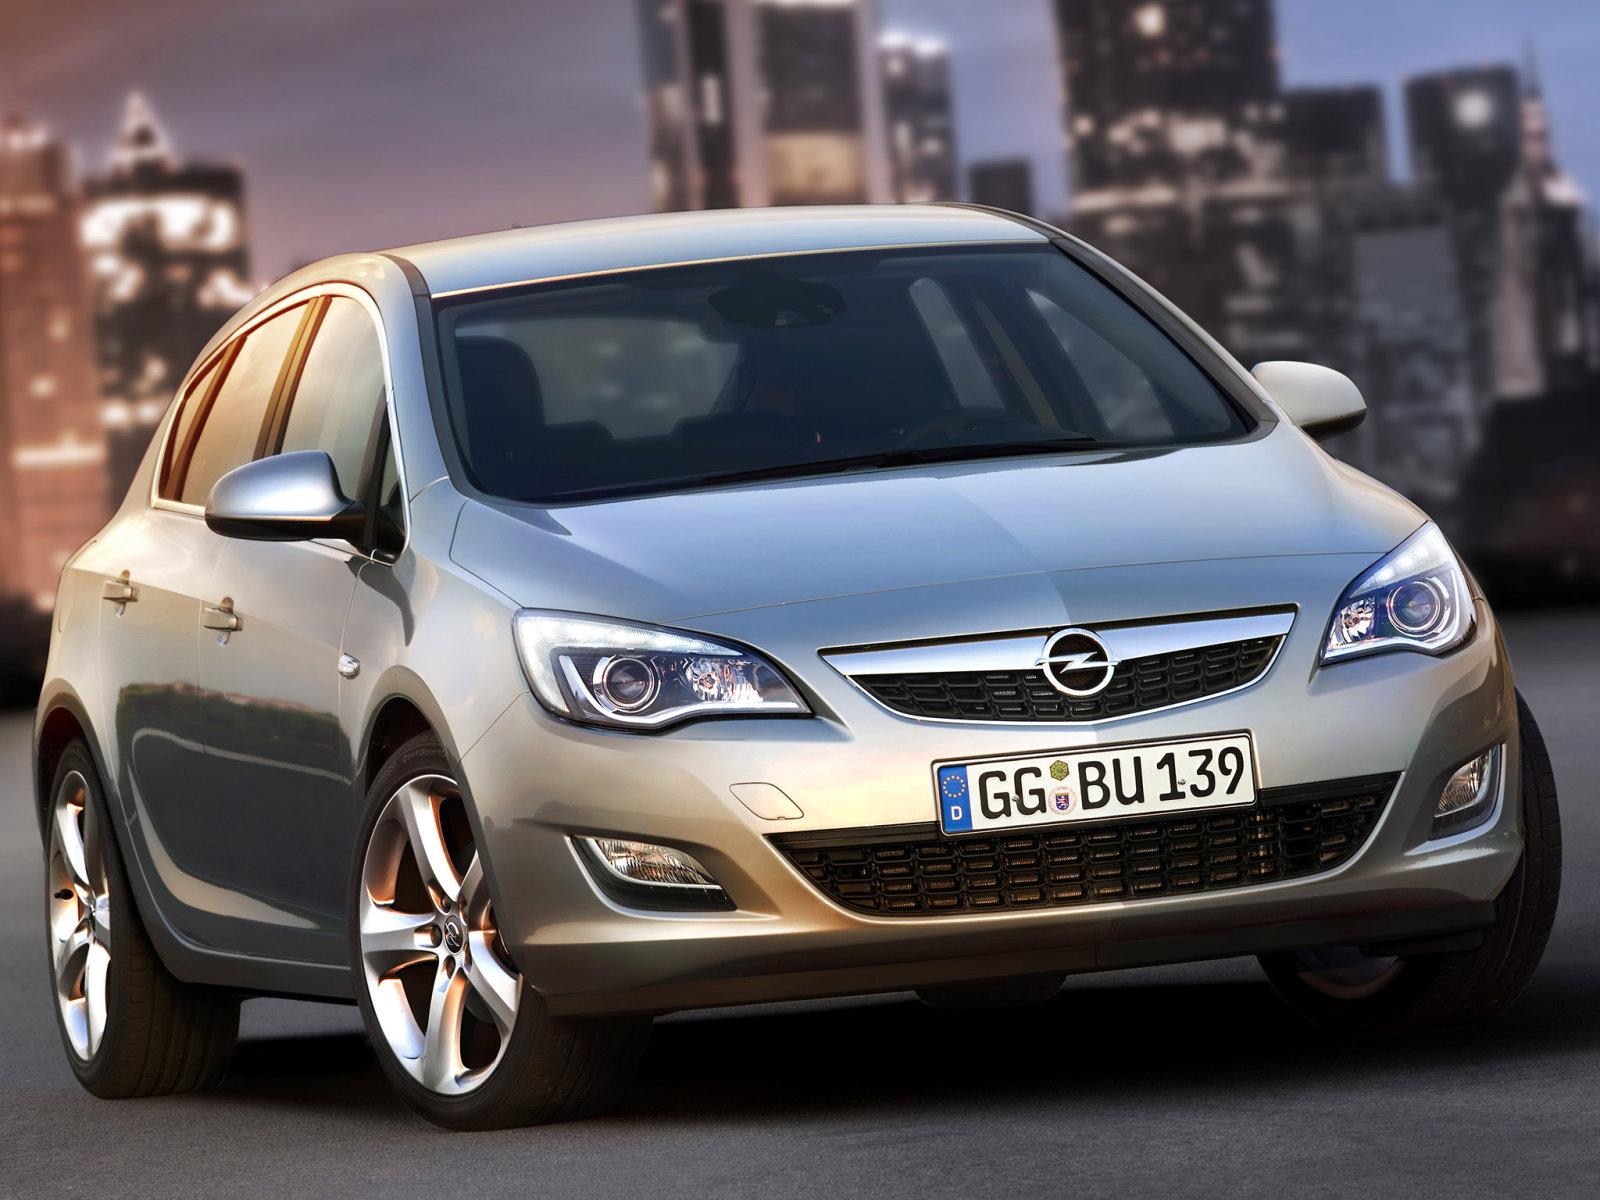 Фотографии автомобилей Opel Astra / Опель Астра (2010 - 2012